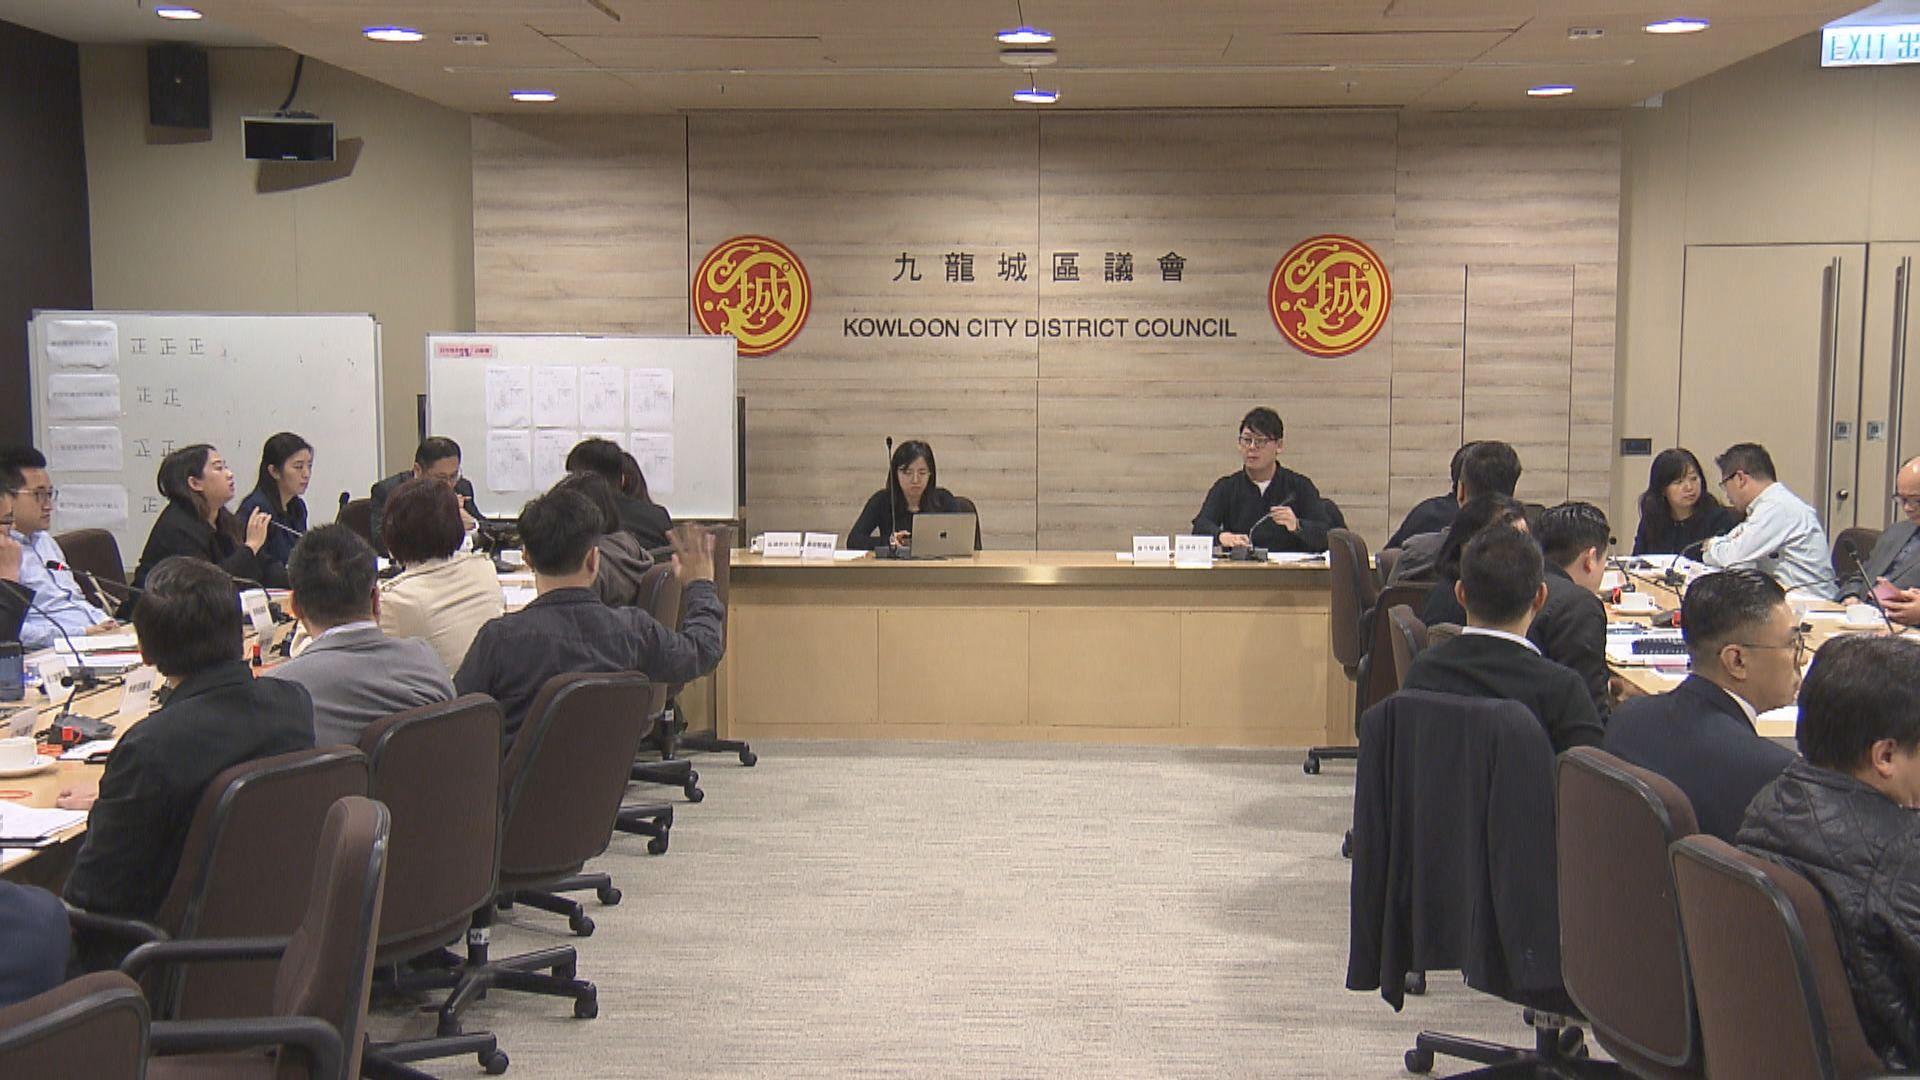 14名區議員:民政專員指示政府人員拒列會議需問責